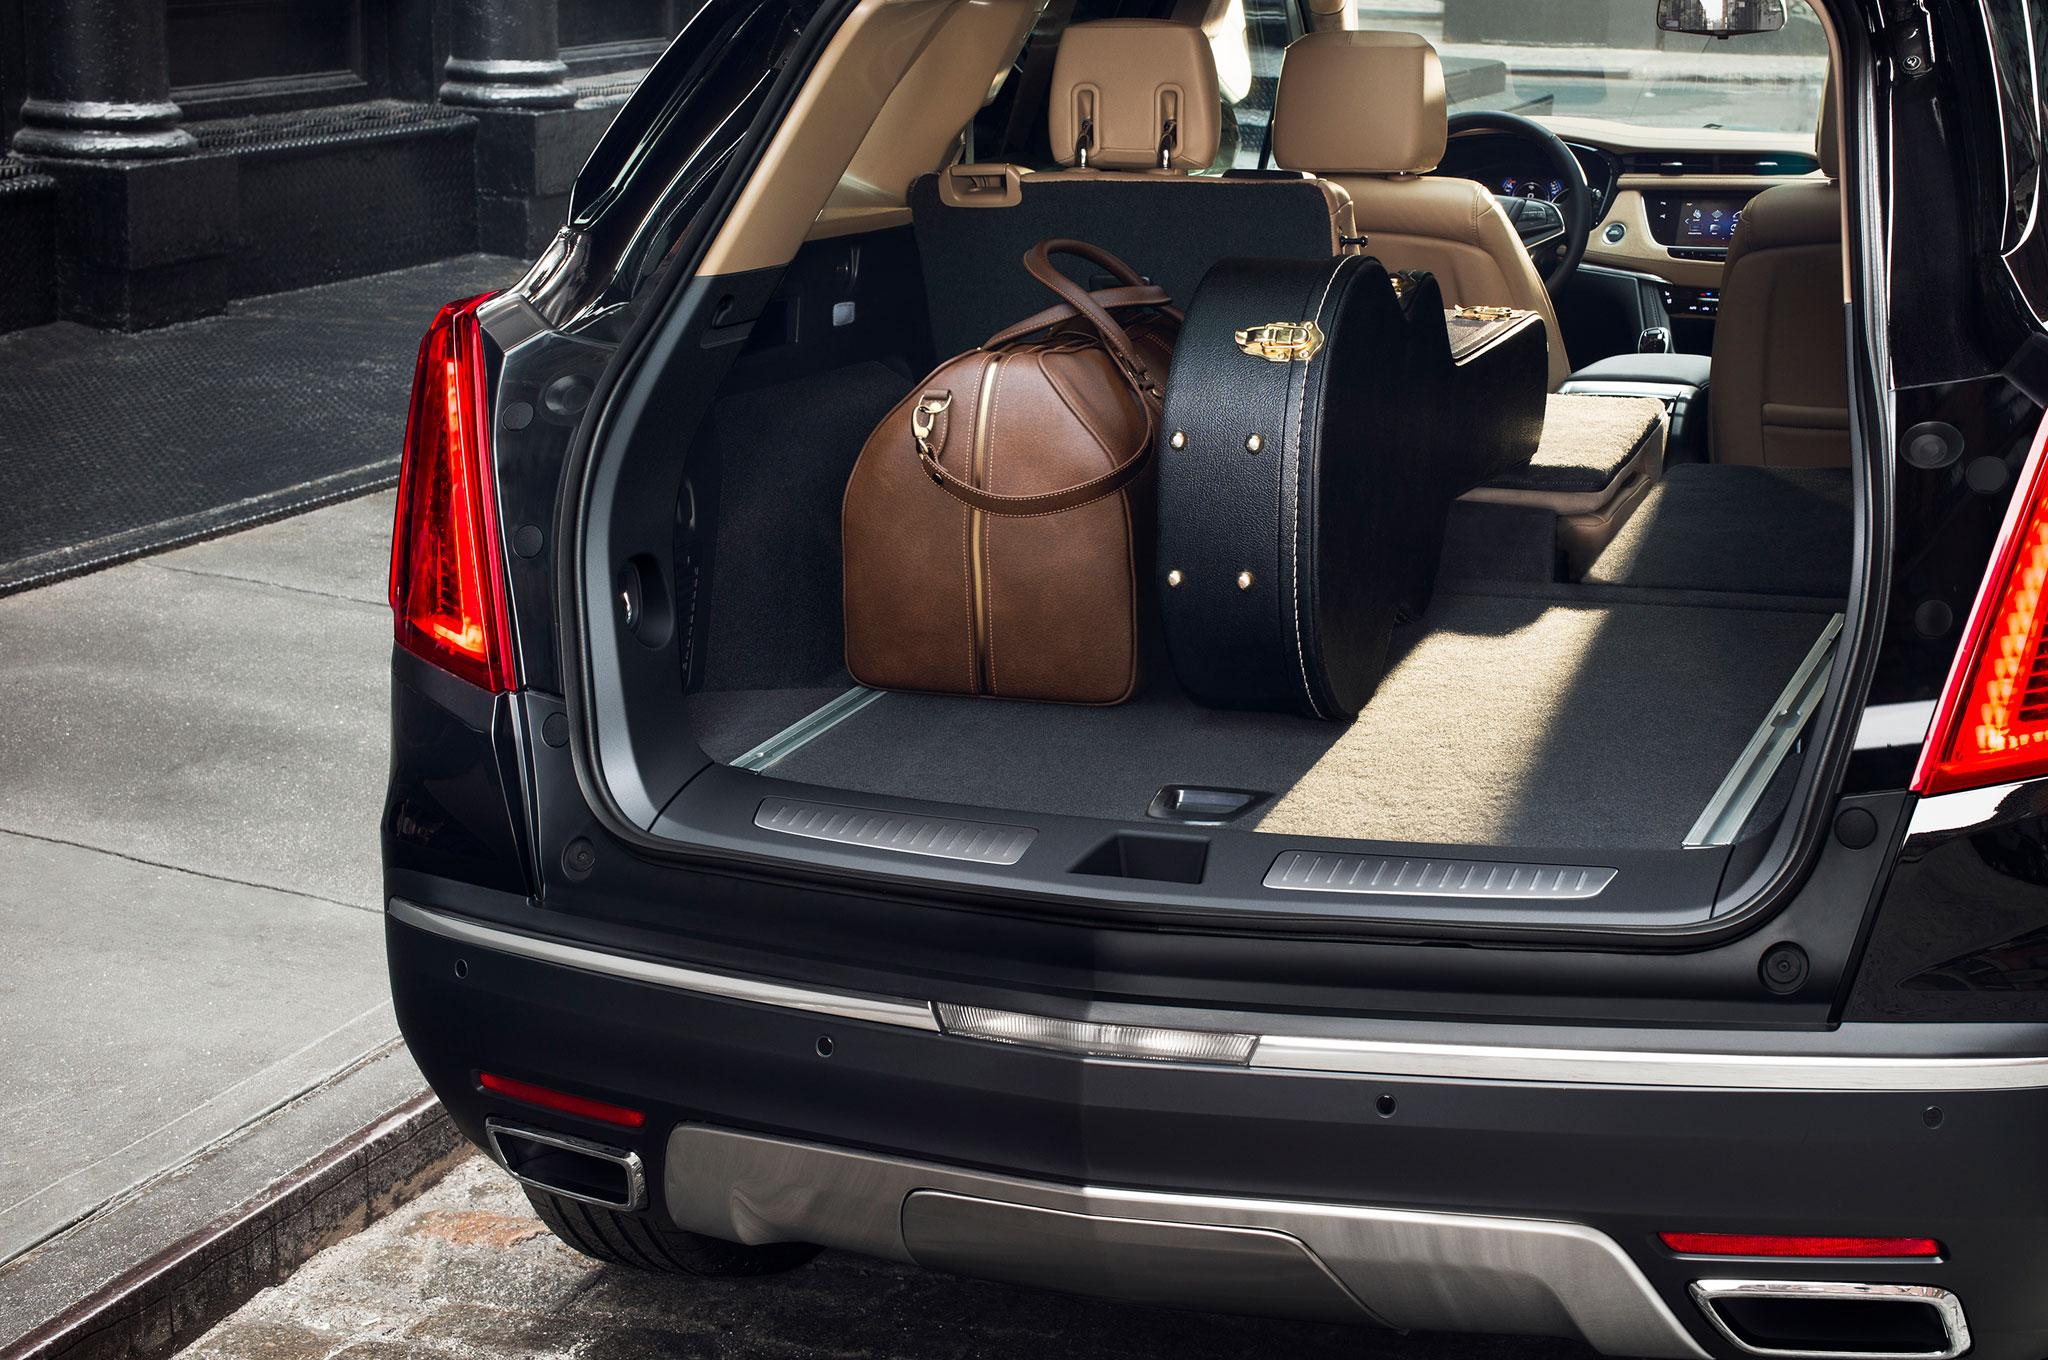 2017 Cadillac Xt5 Starts At 39 990